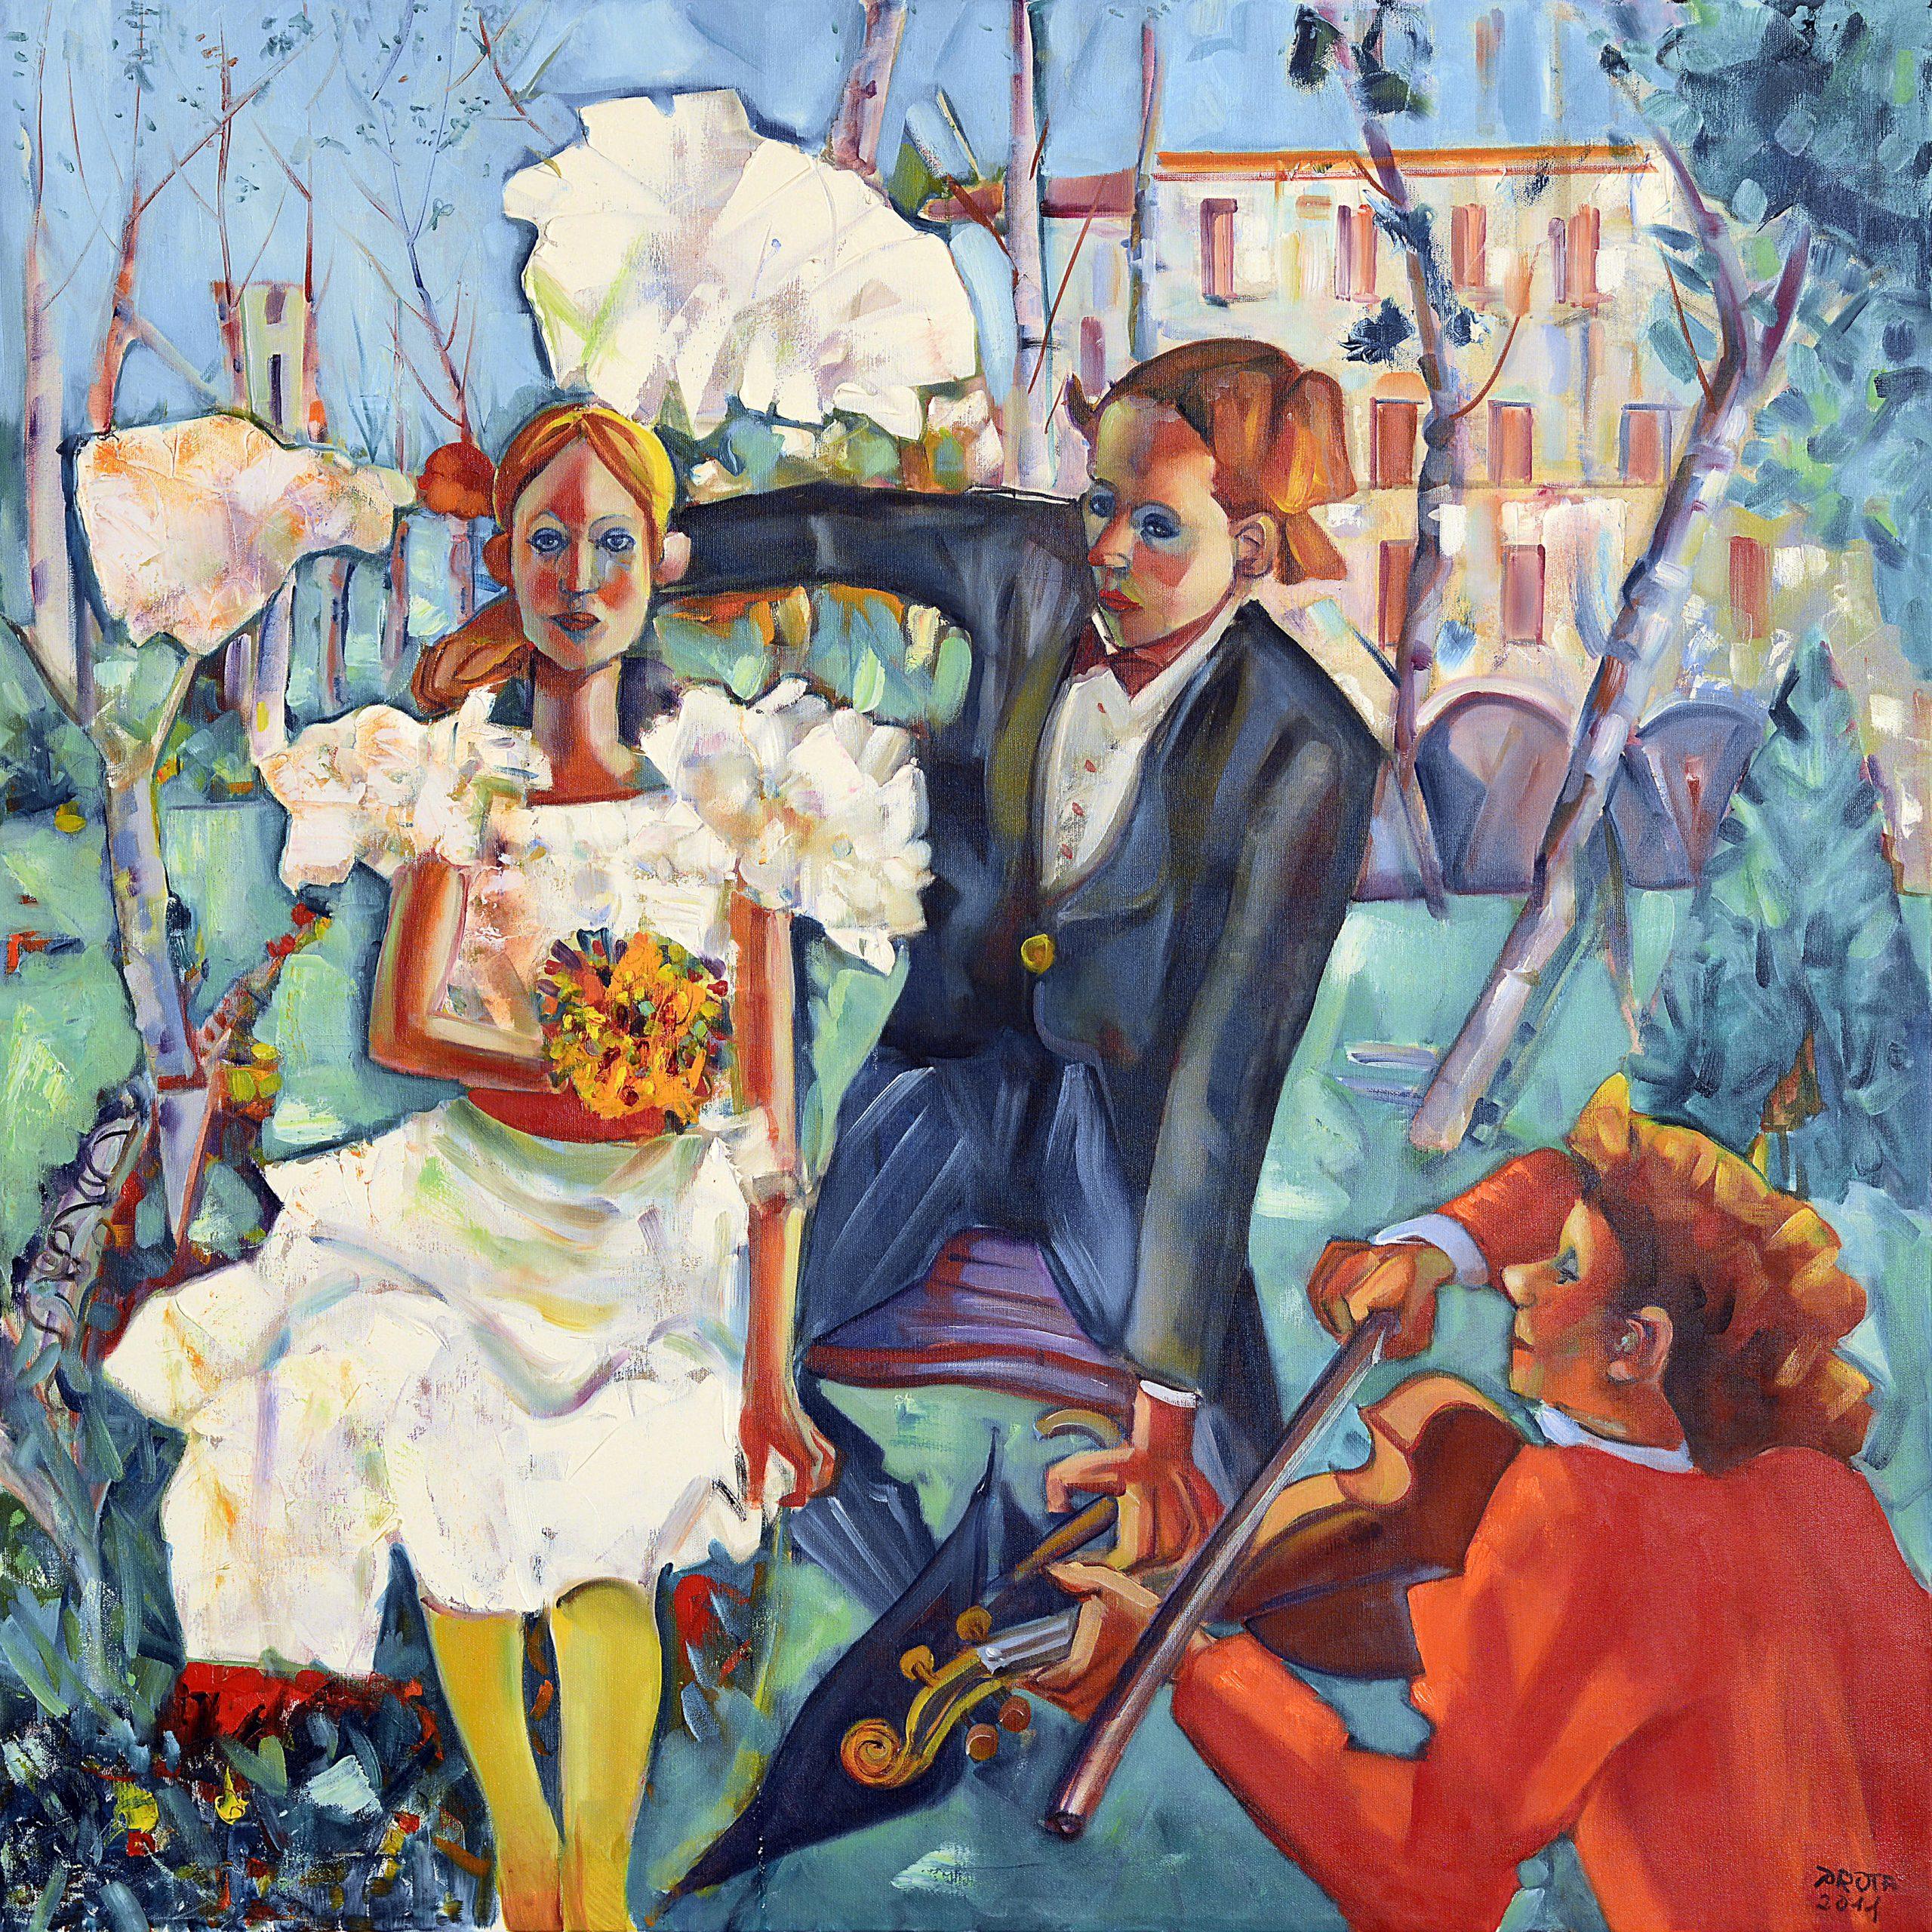 2011 - Matrimonio In Campagna - 100x100 cm